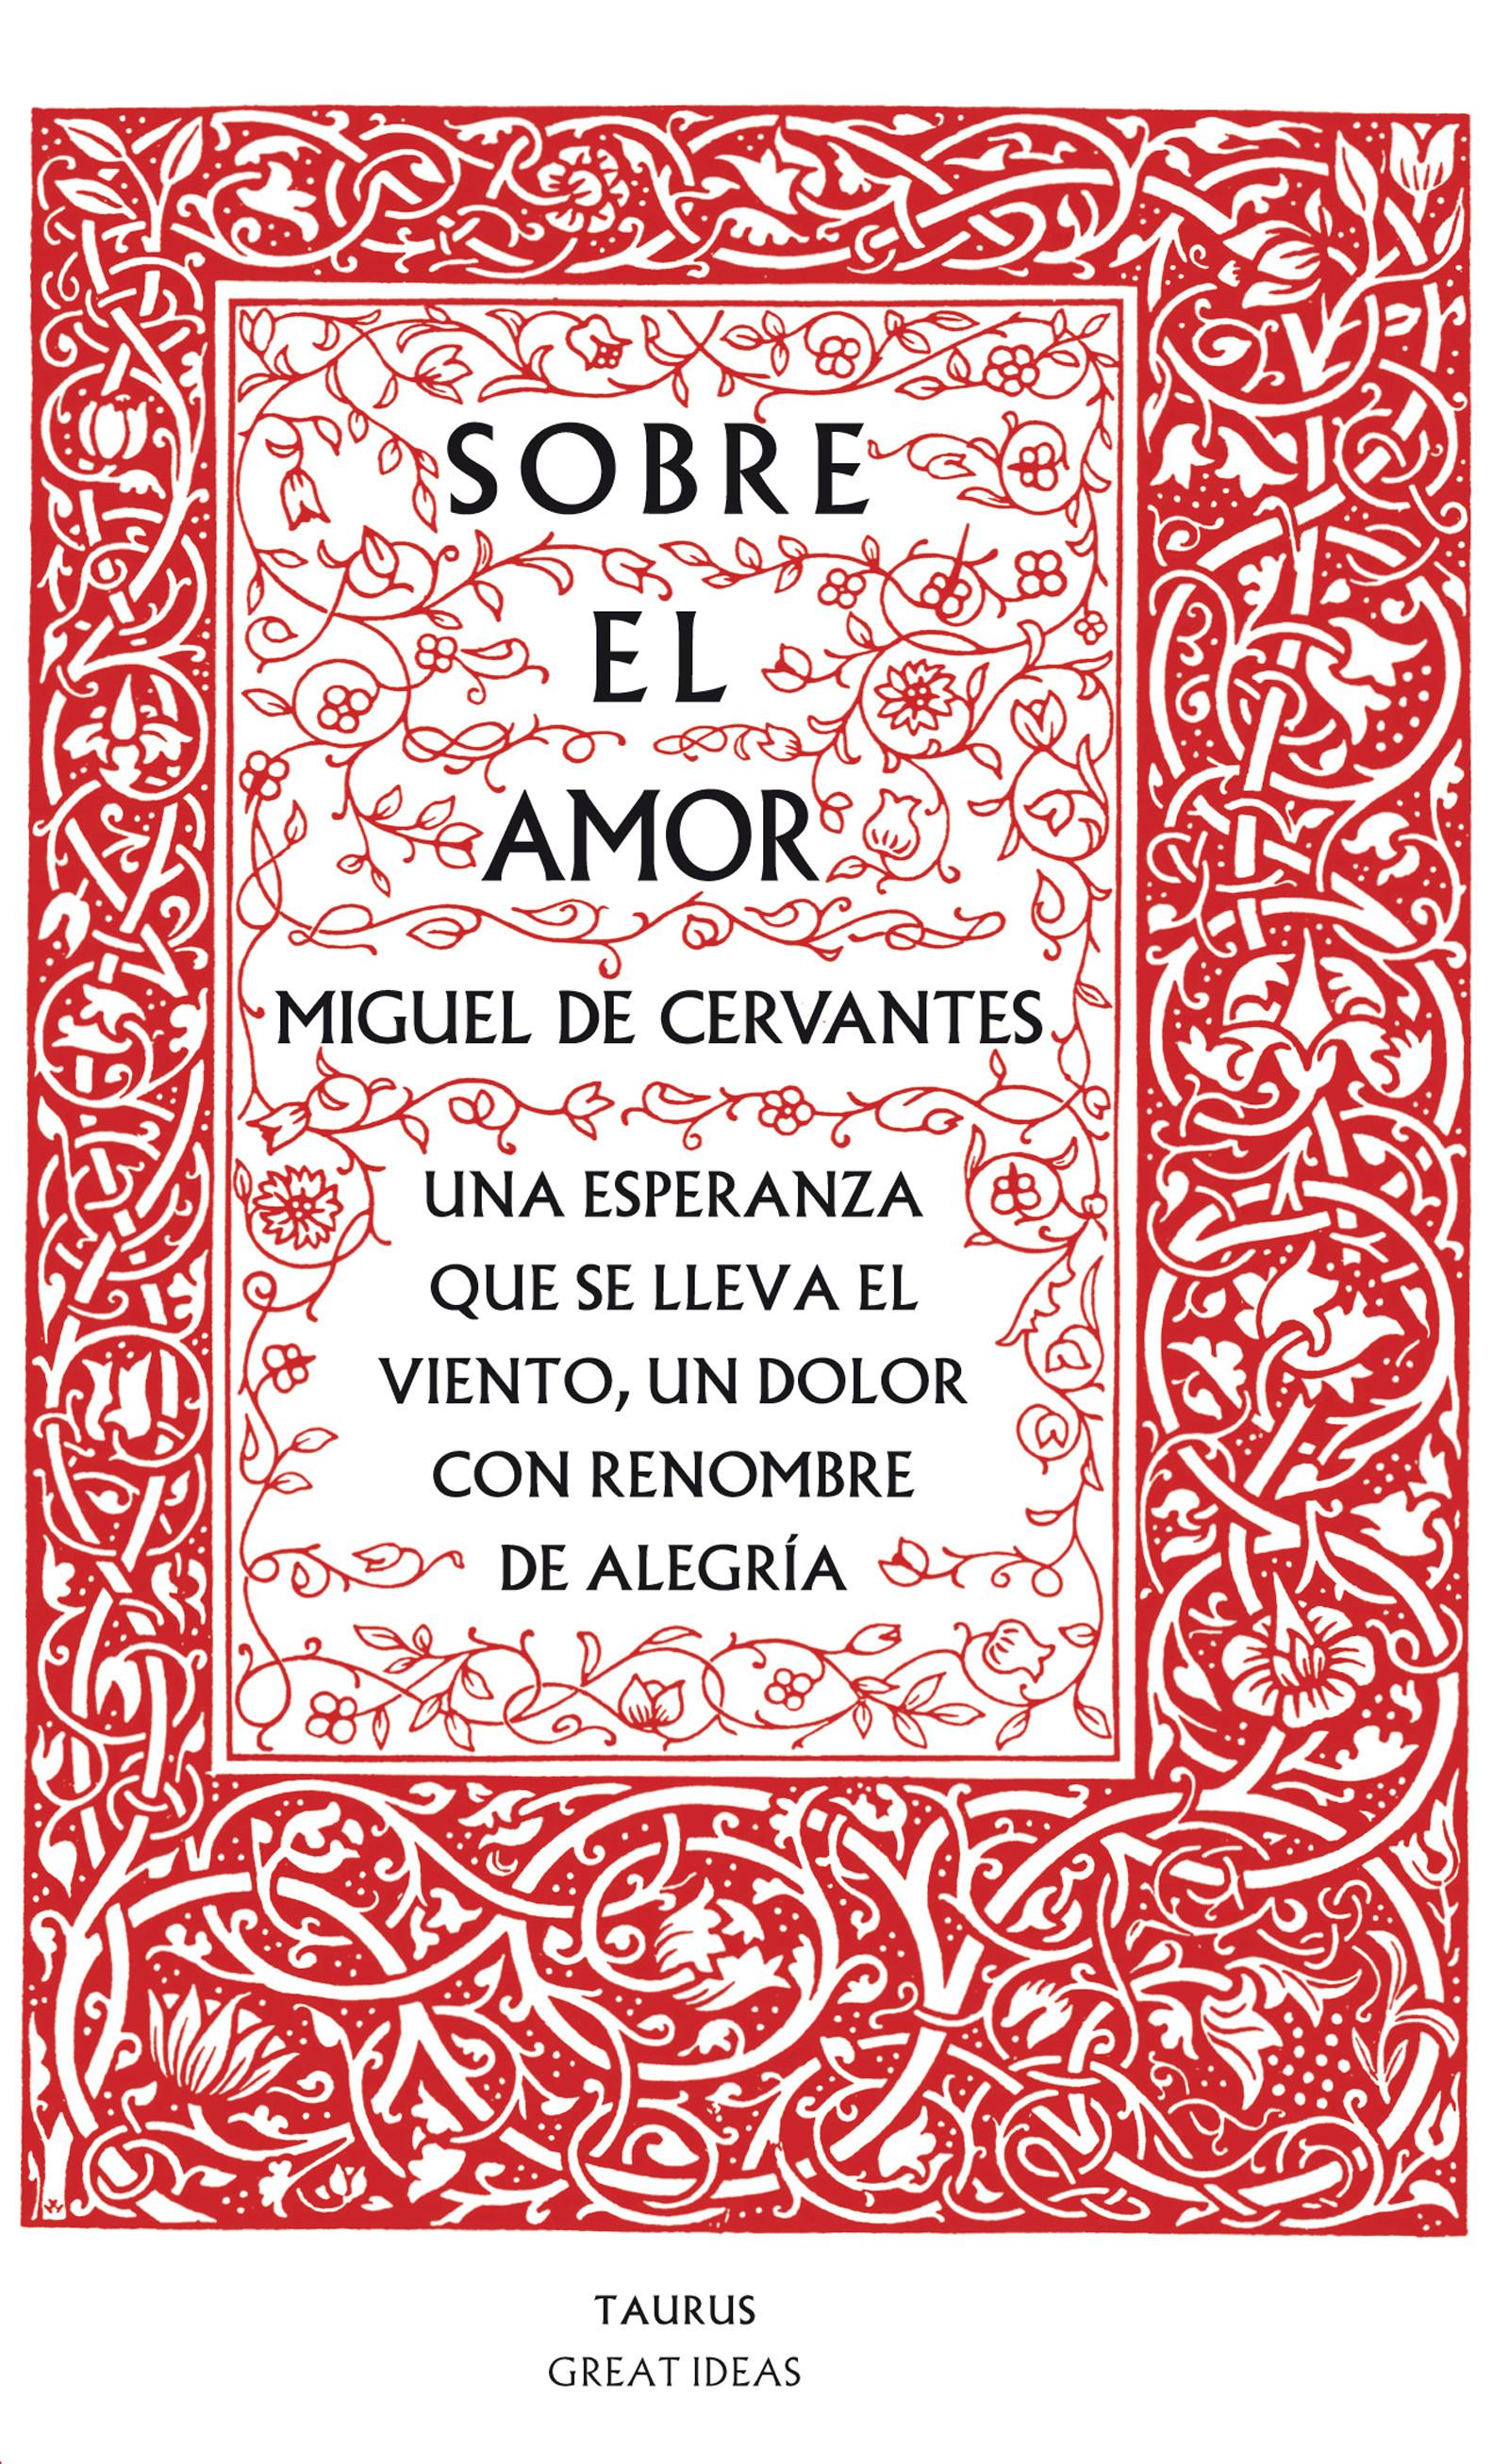 Sobre el amor